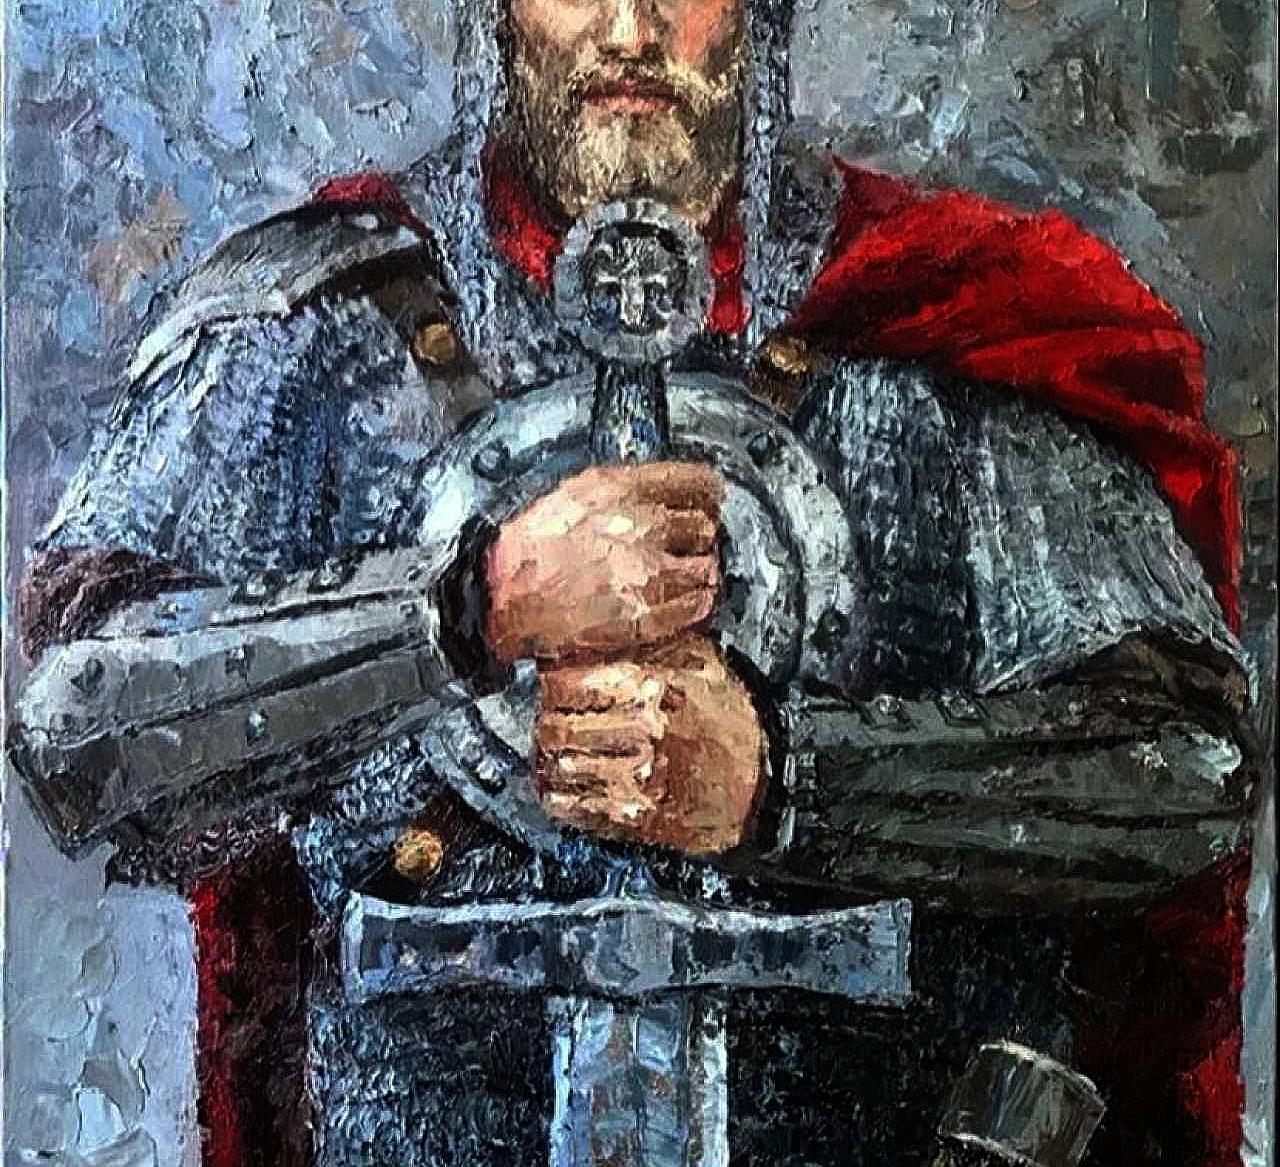 Về người chiến binh đầu bạc